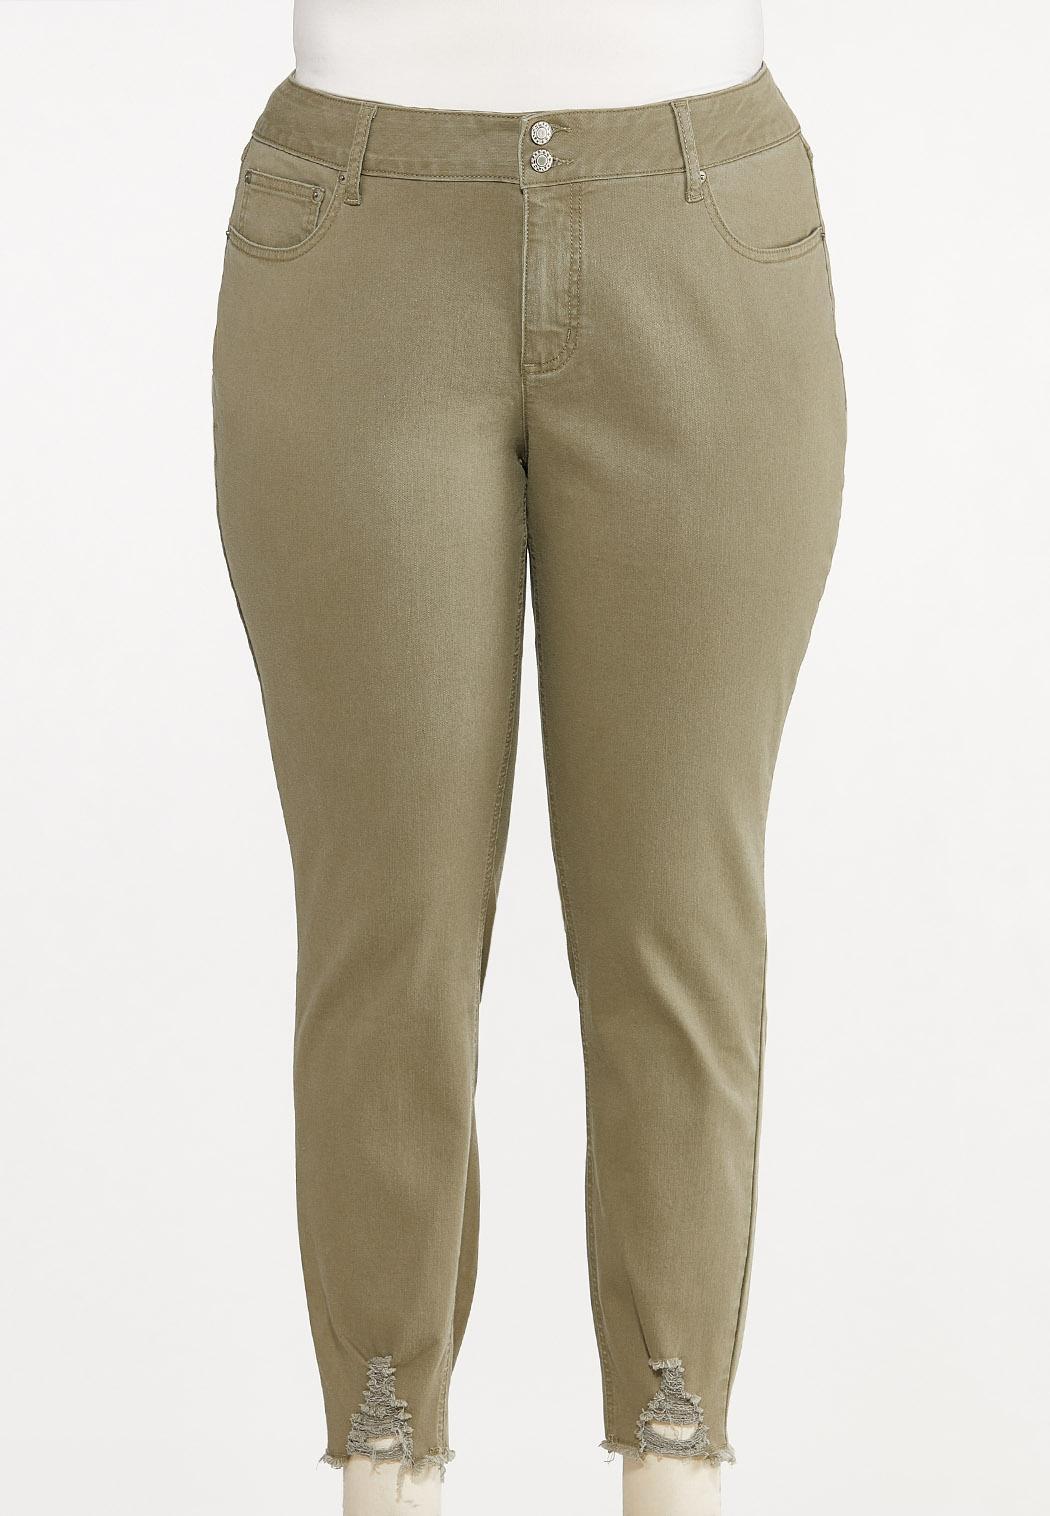 Plus Size Frayed Olive Pants